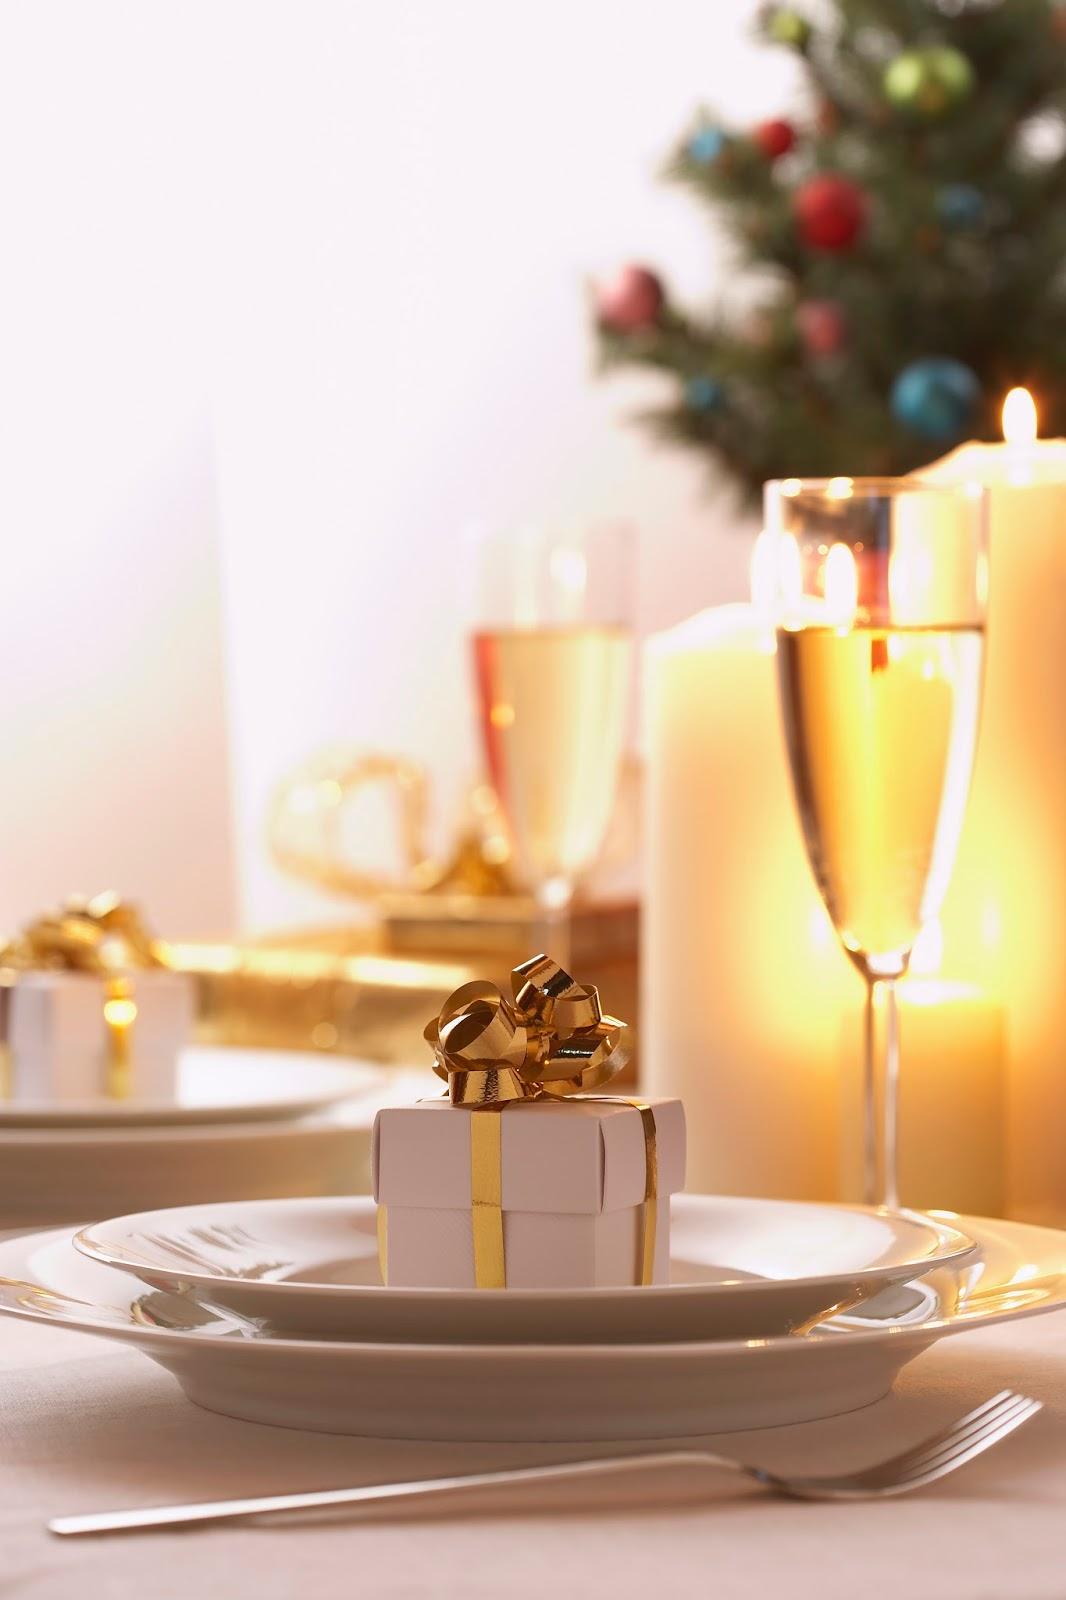 How to Prepare for Hosting Christmas Dinner | AnnMarie John